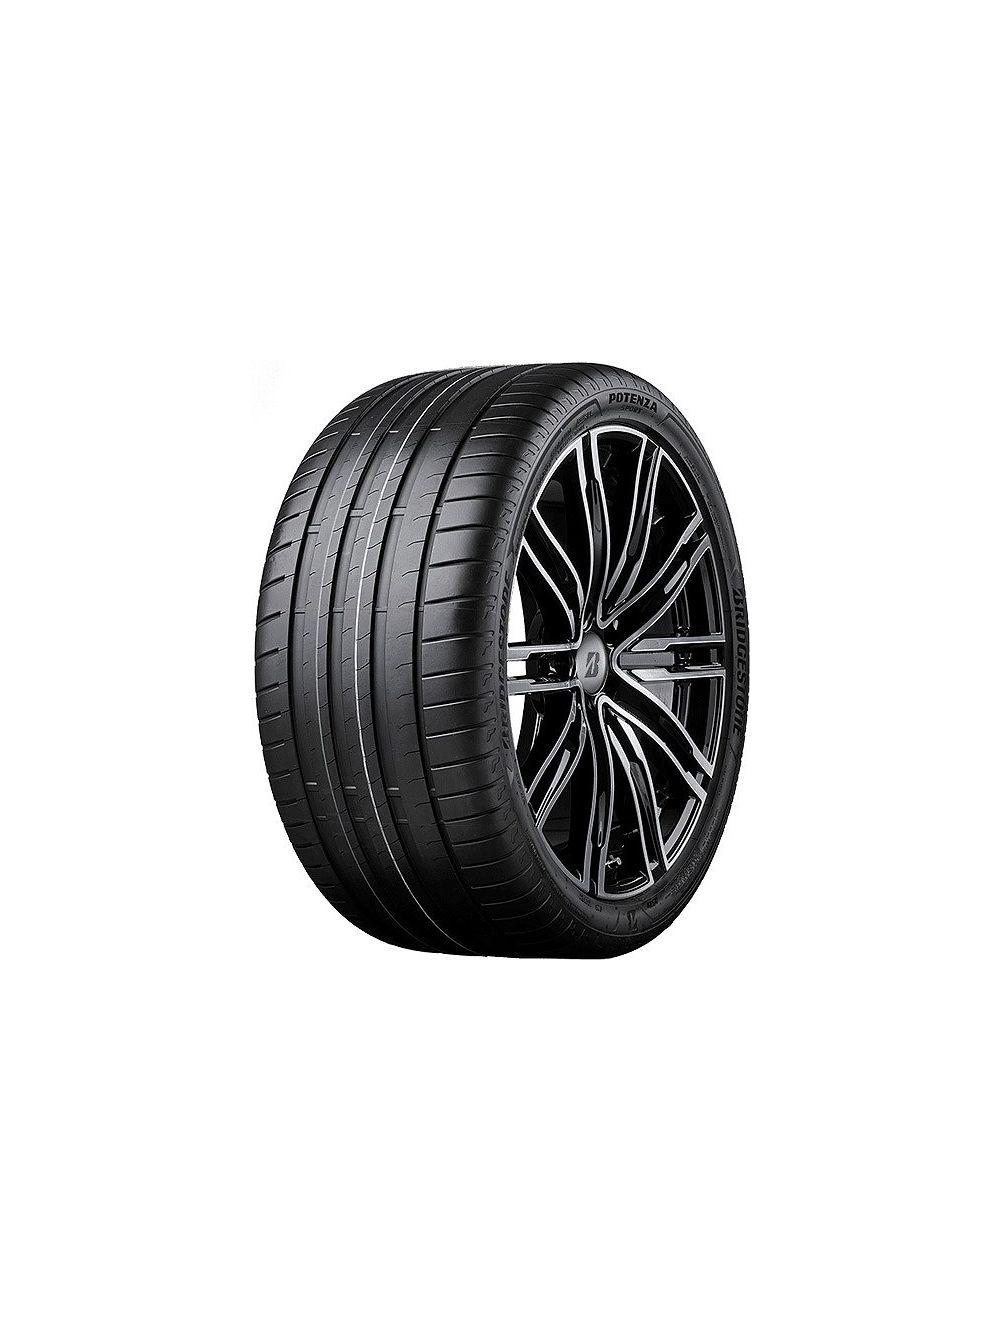 Bridgestone 275/35R20 Y PotenzaSport XL Nyári gumi